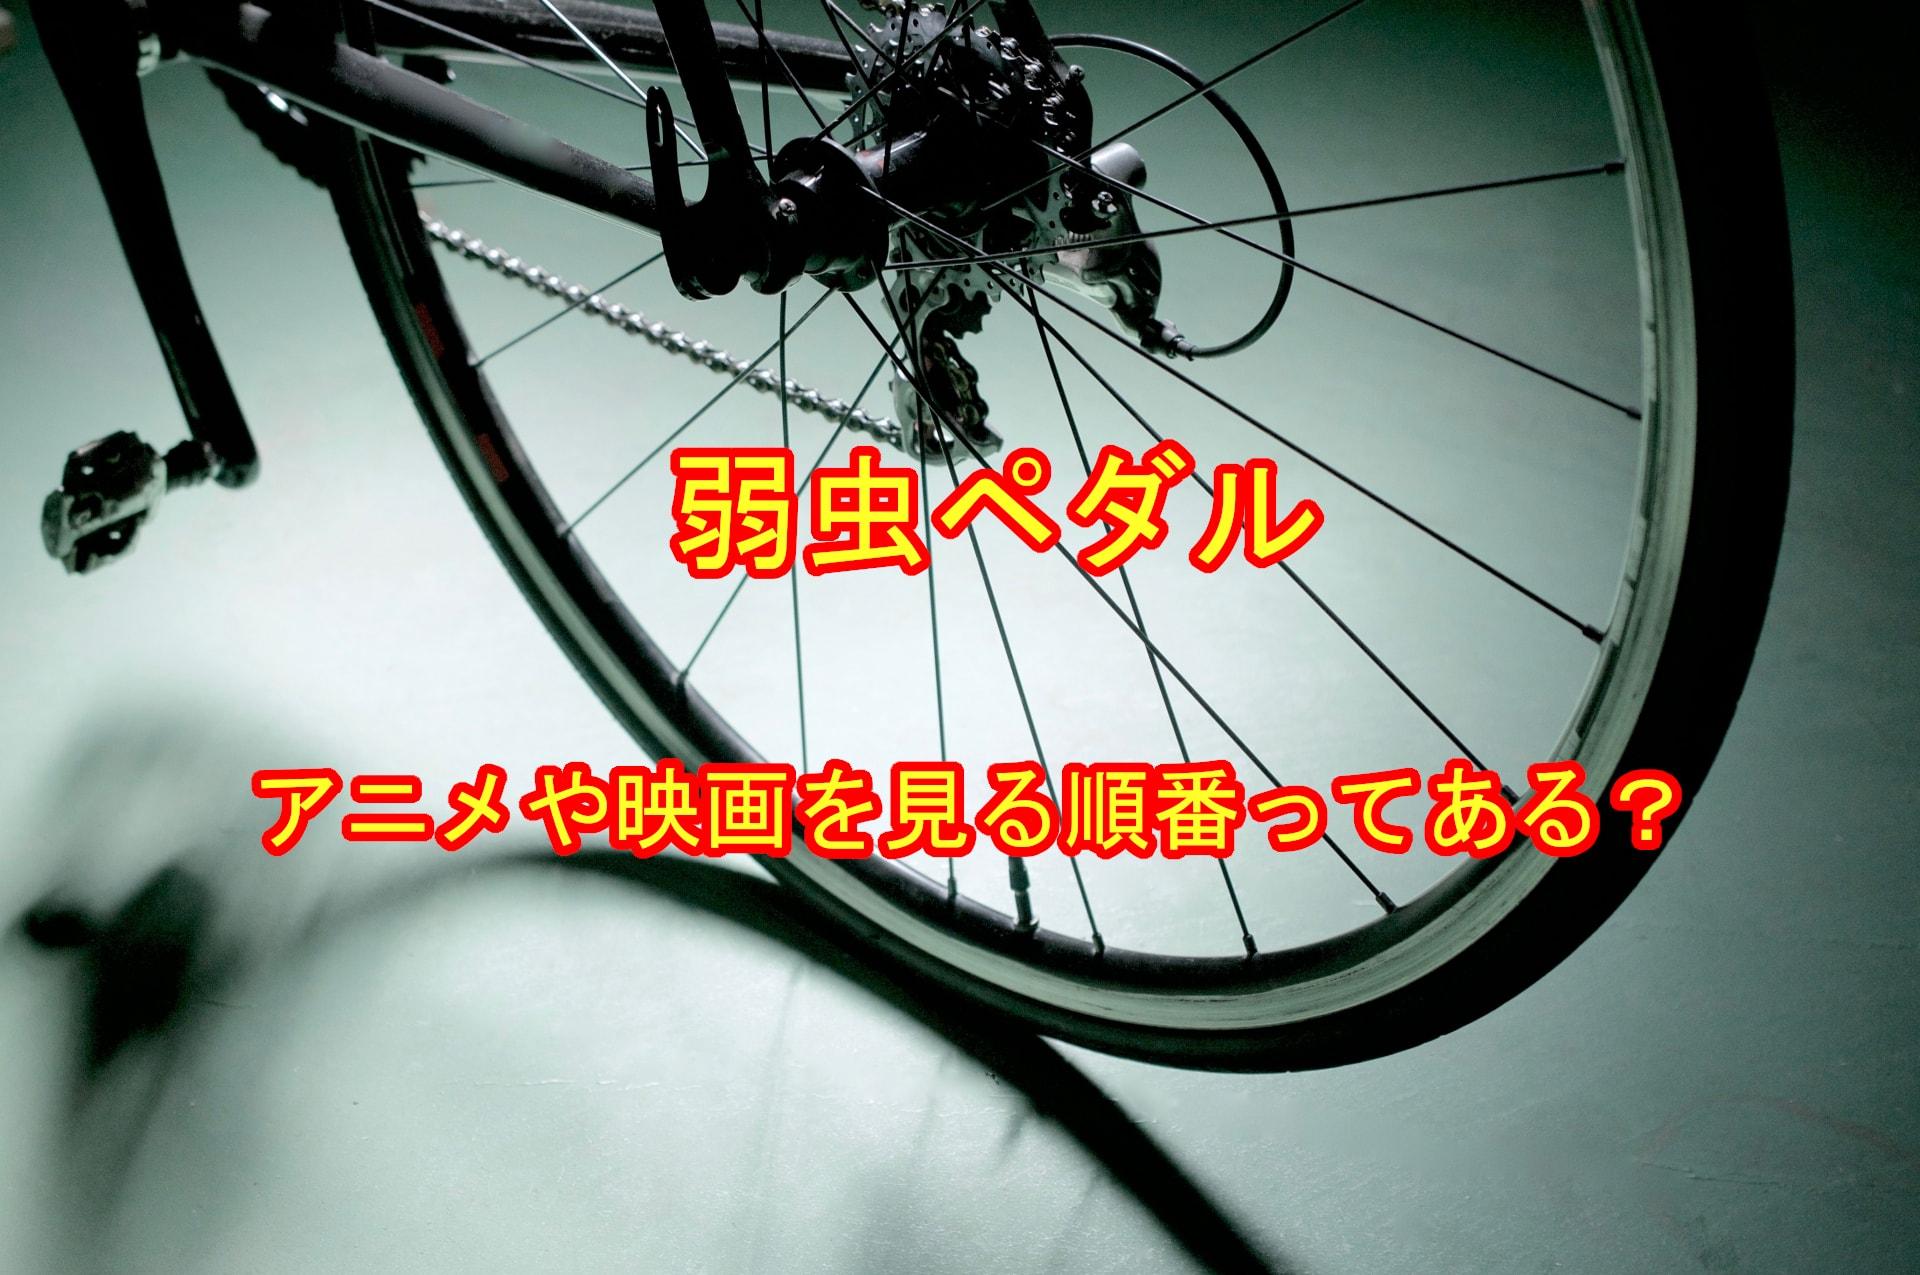 弱虫ペダルのアニメ・映画視聴順